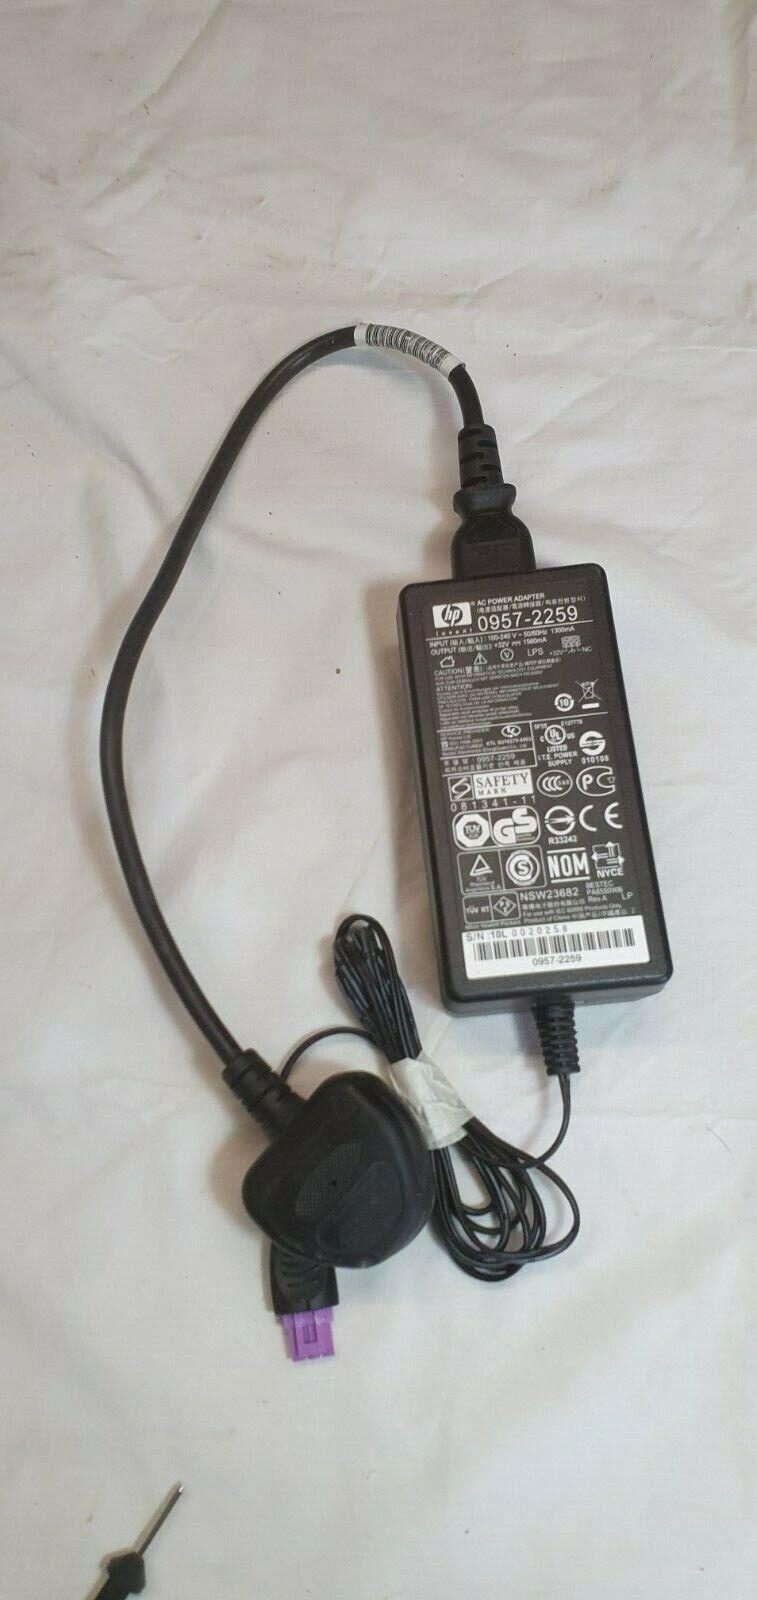 HP 0957-2259 Adapter Power Supply 32V 1.56A (B)